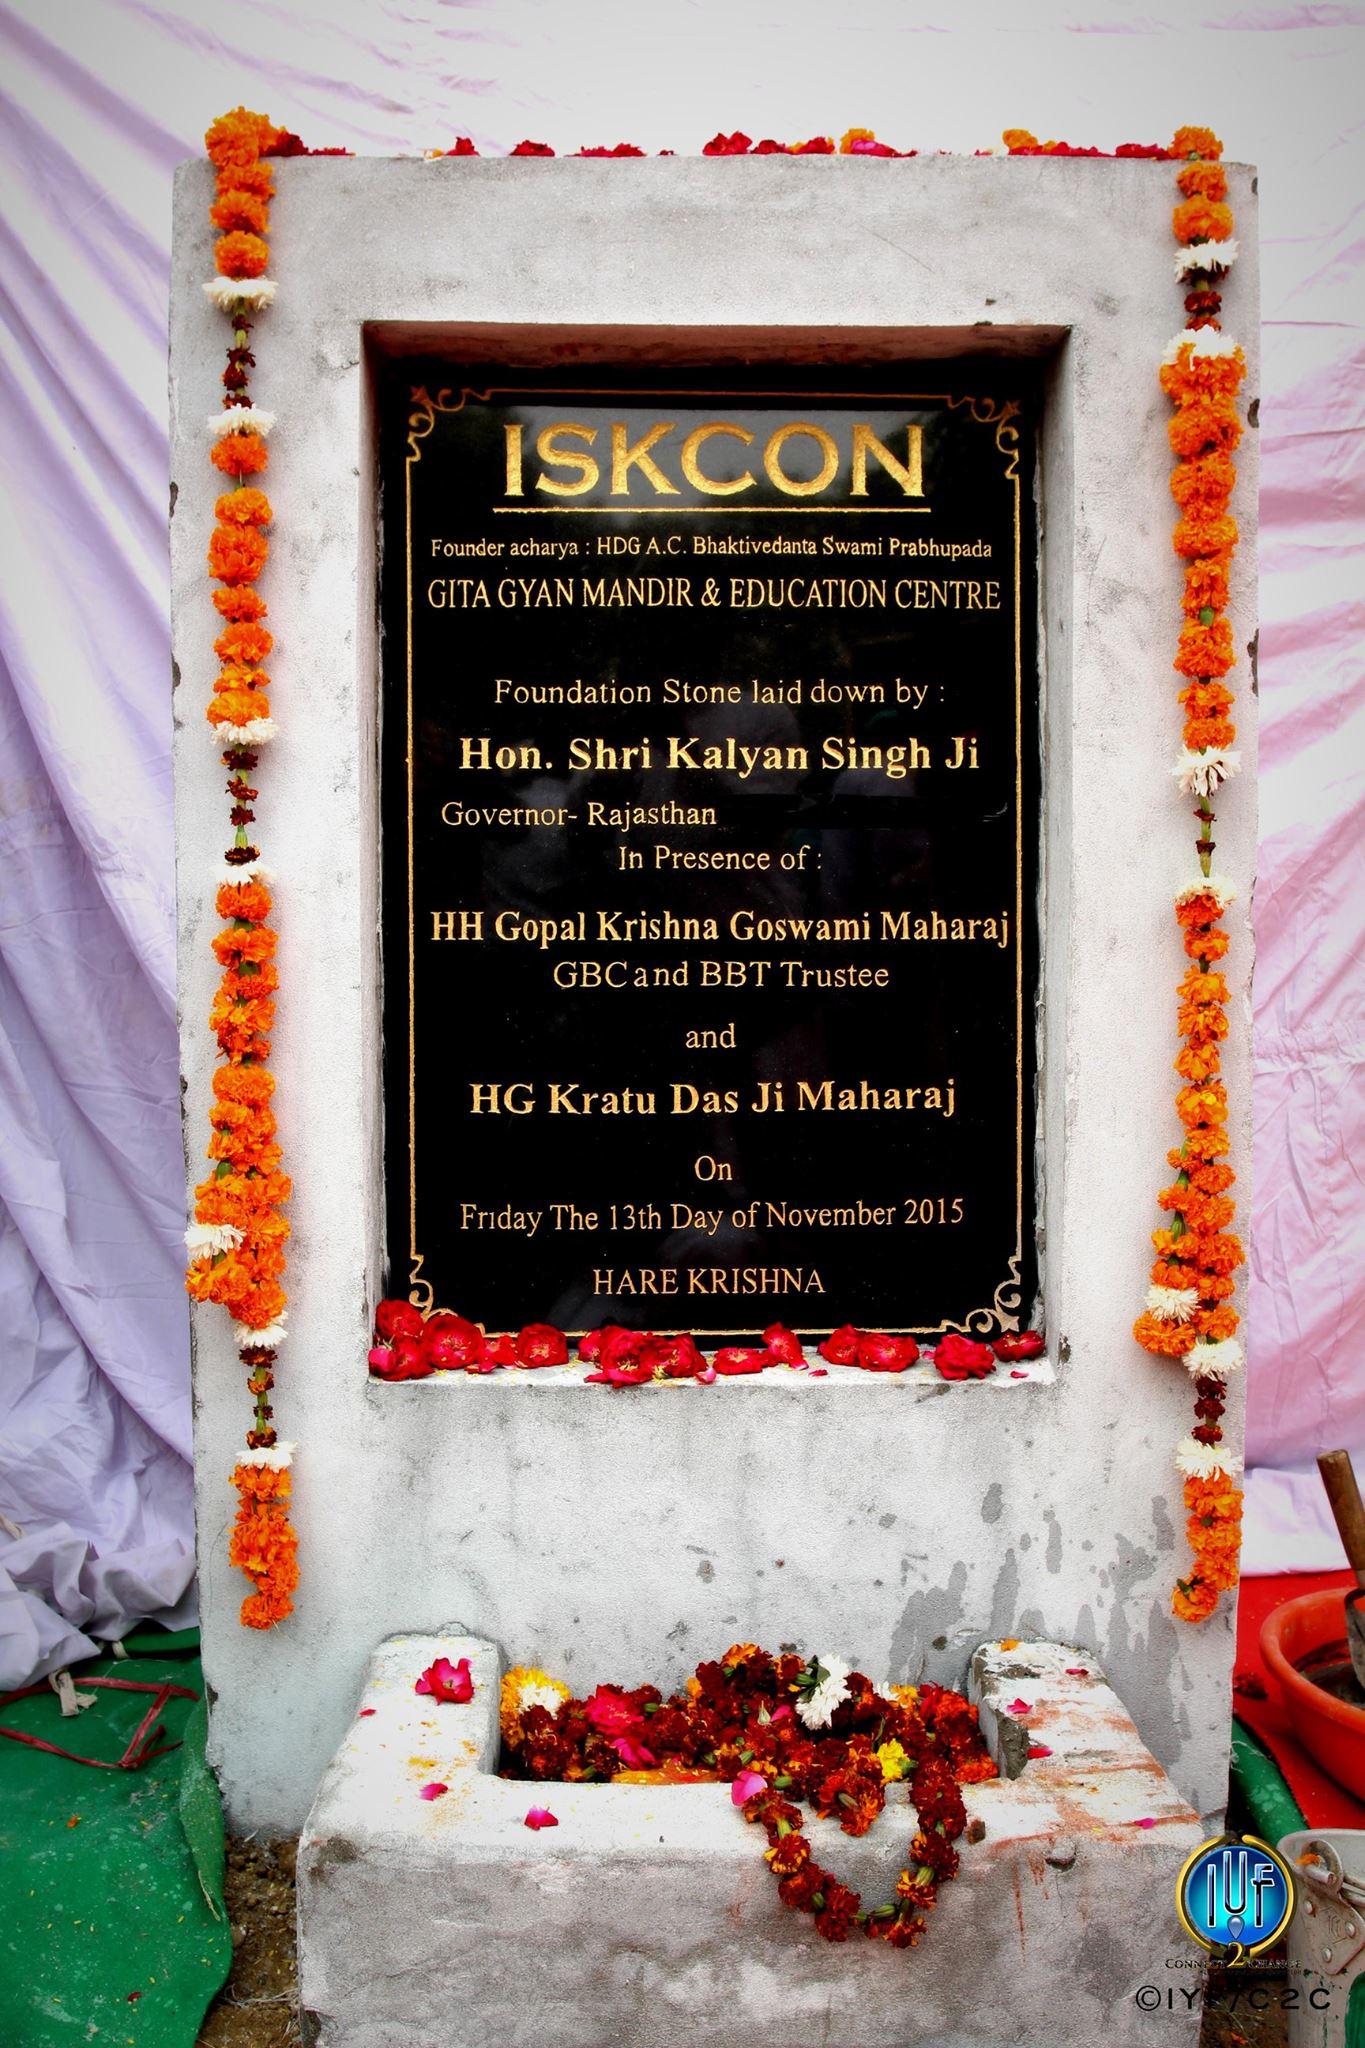 इस्कॉन अलीगढ़ के नव-मंदिर निर्माण का भूमिपूजन